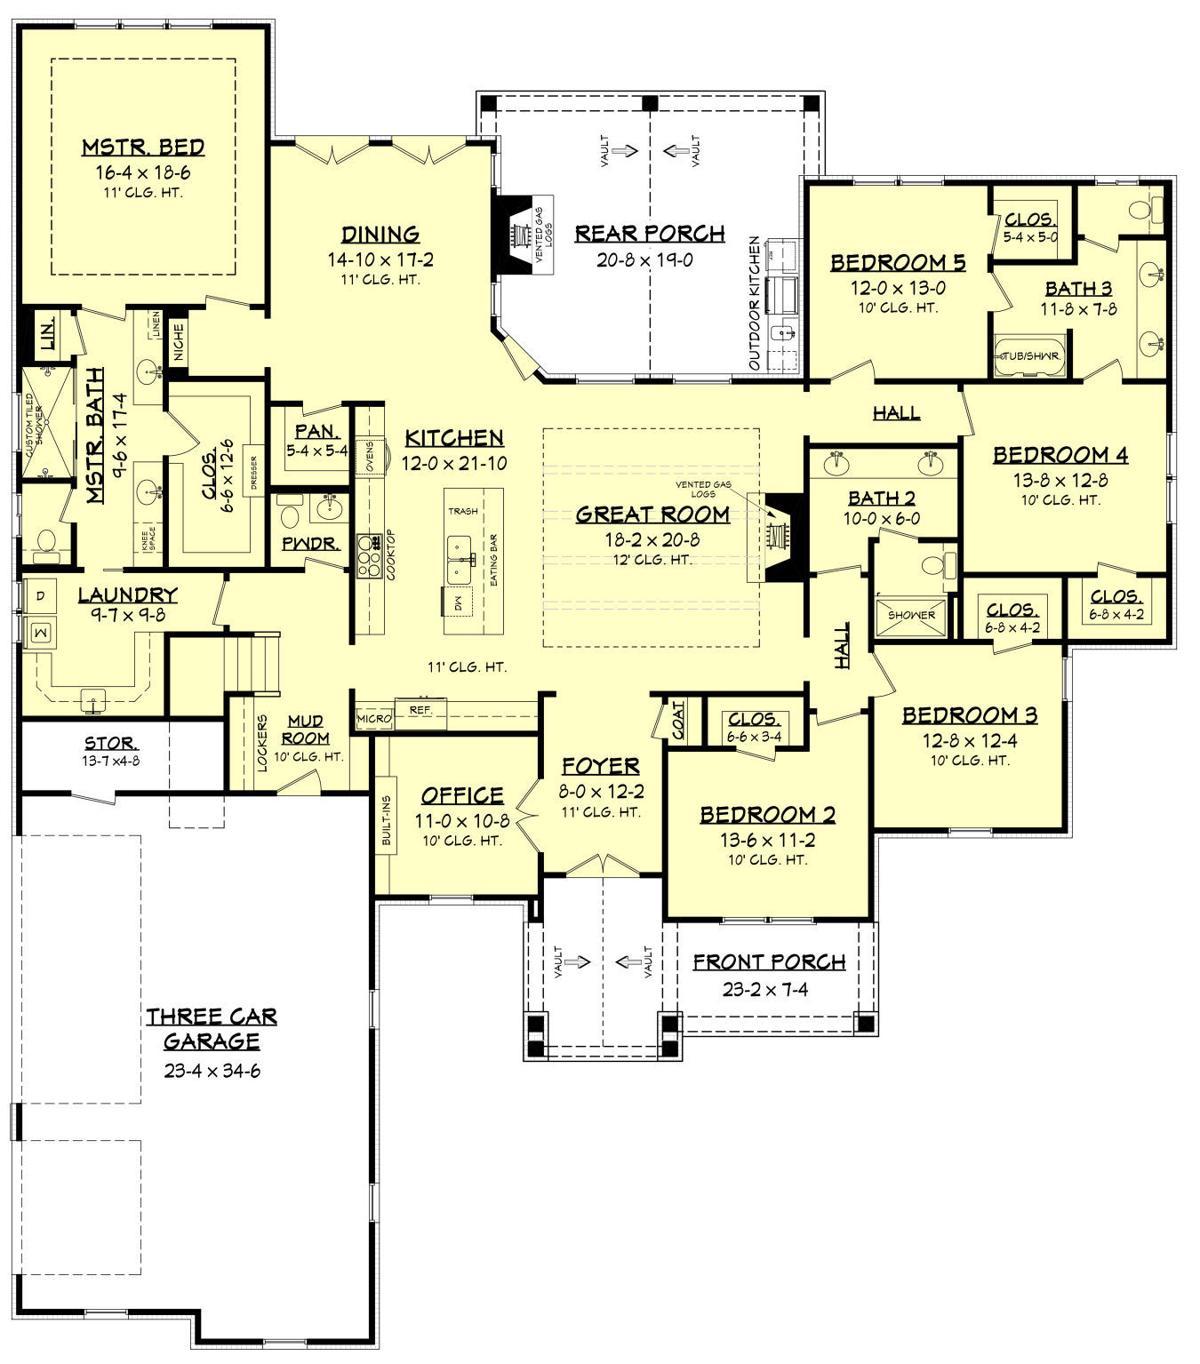 3311-S Basement Floor Plan